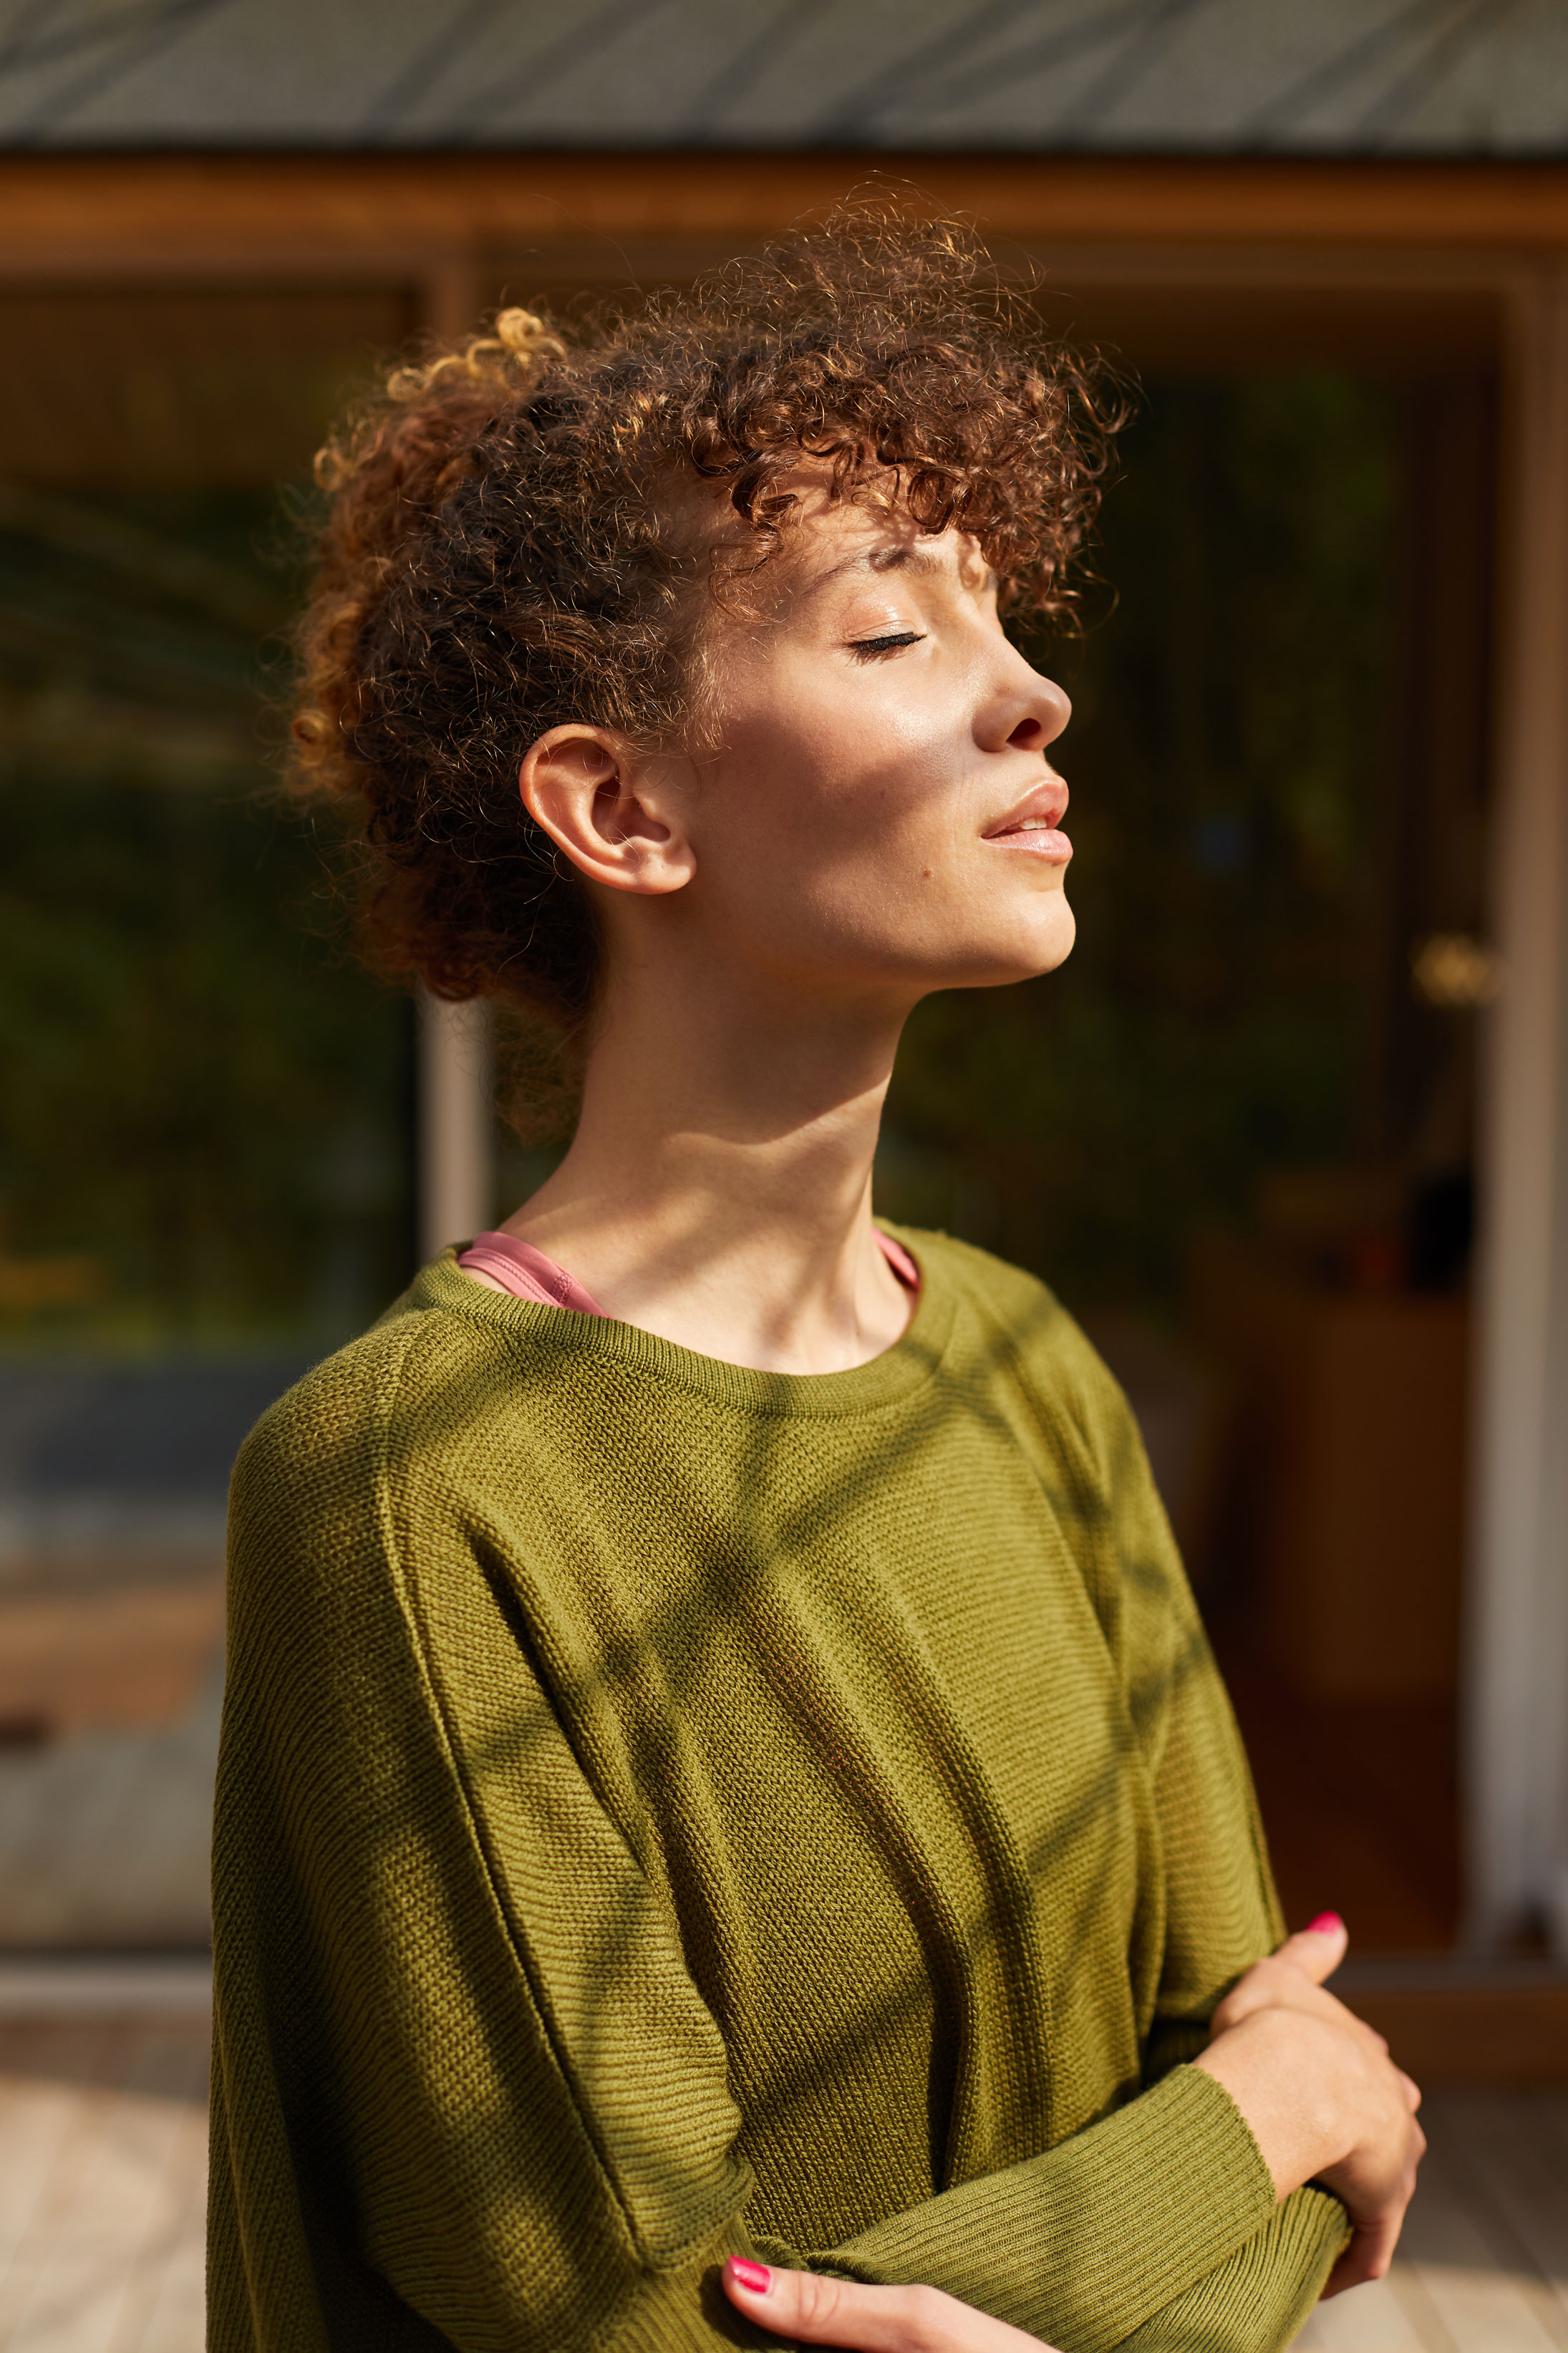 photographe mode et portrait pour une marque de pret à porter en Bretagne